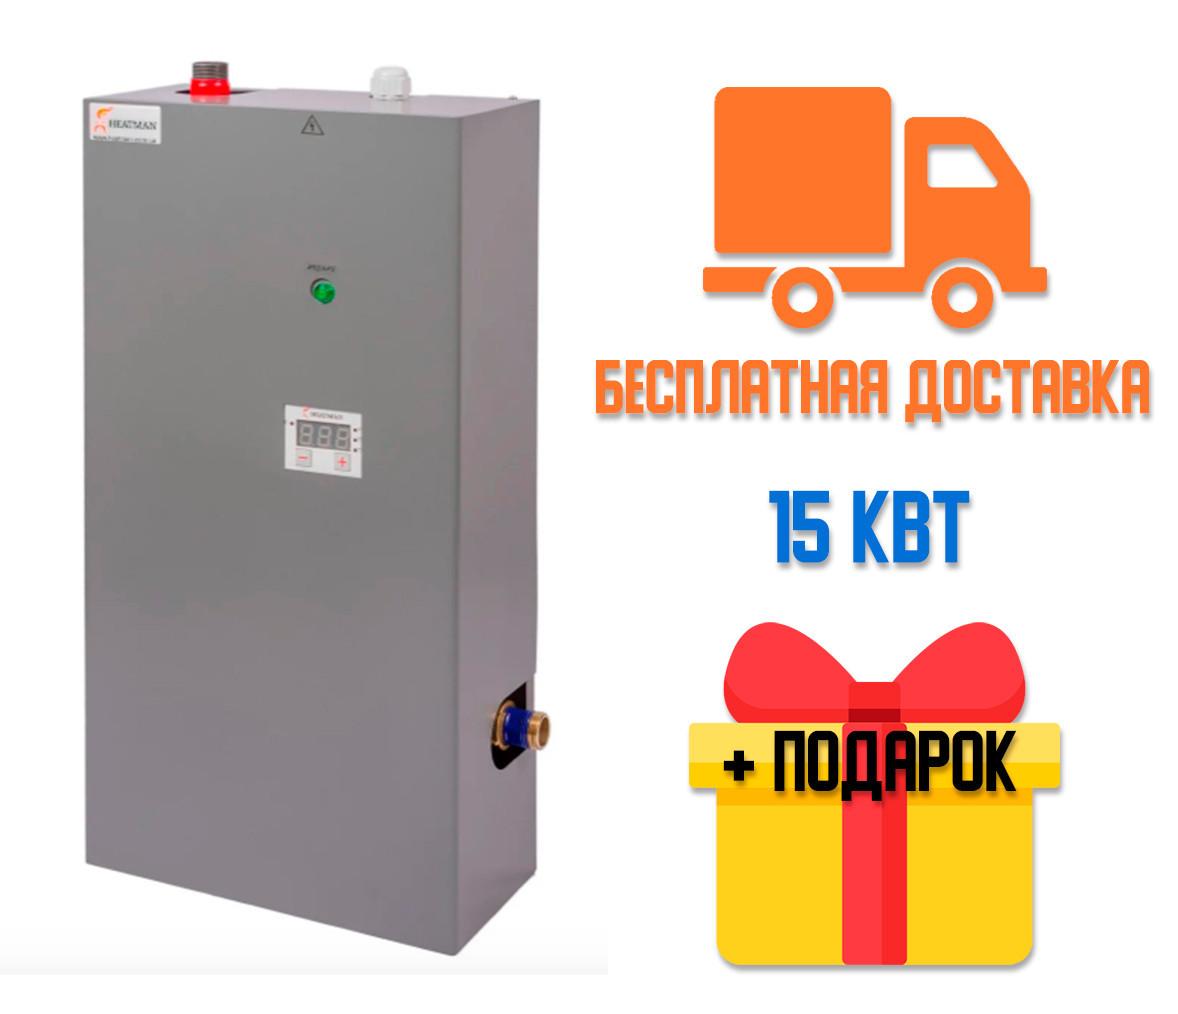 Котел электрический Heatman c насосом 15 кВт